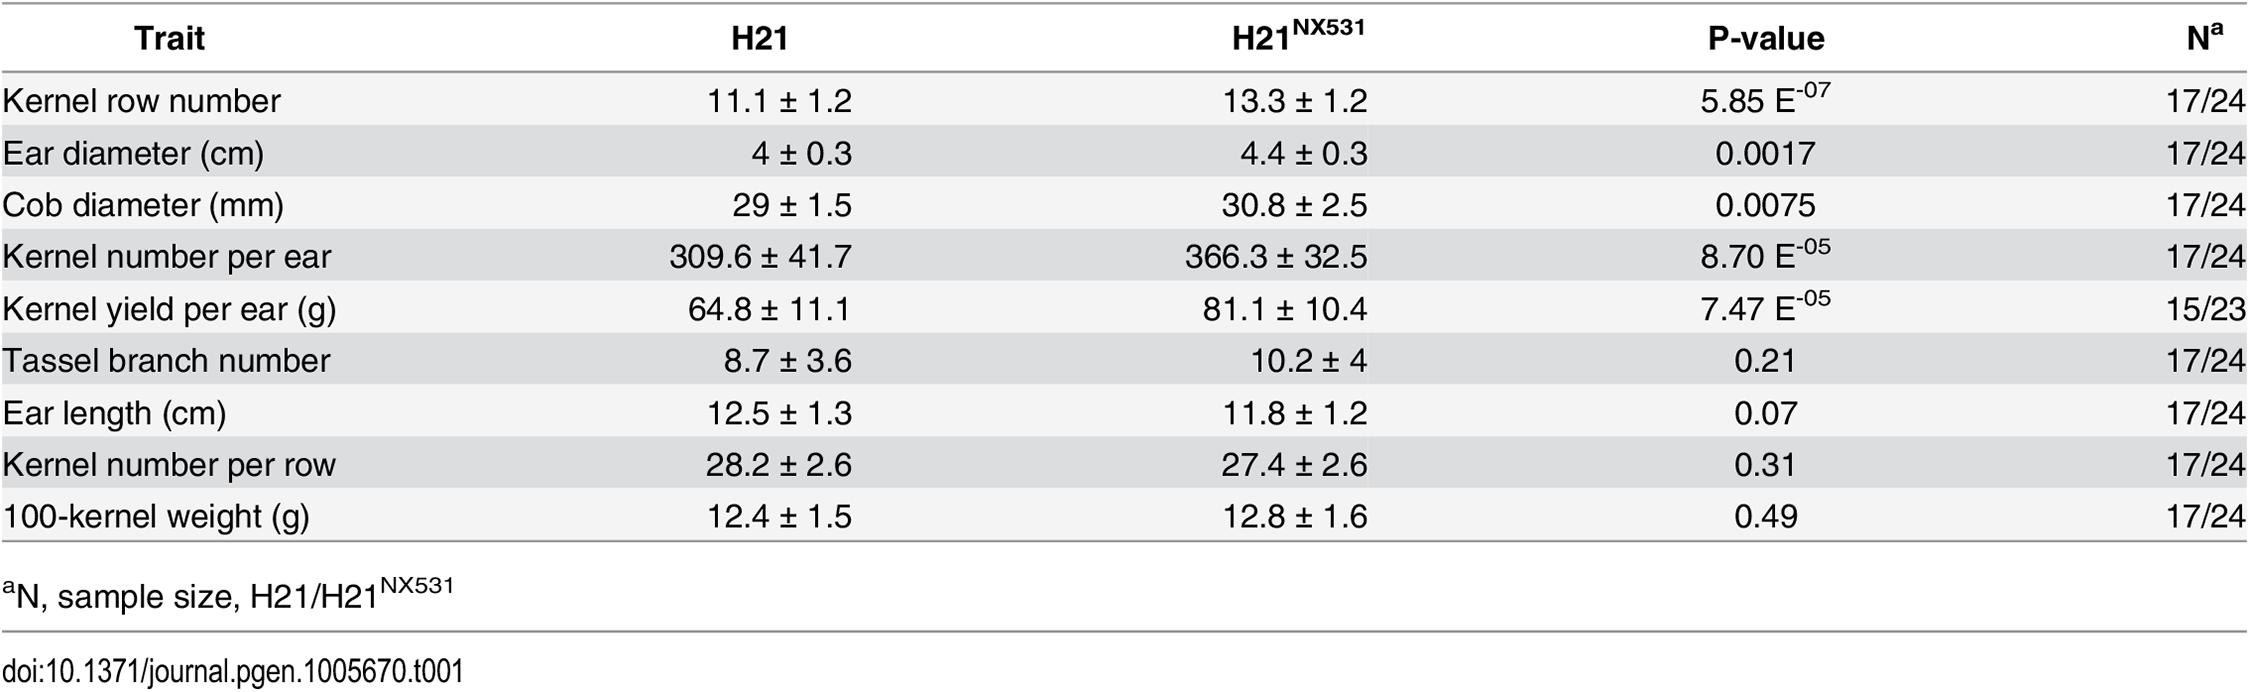 Pleiotropic effects of <i>KRN4</i>.